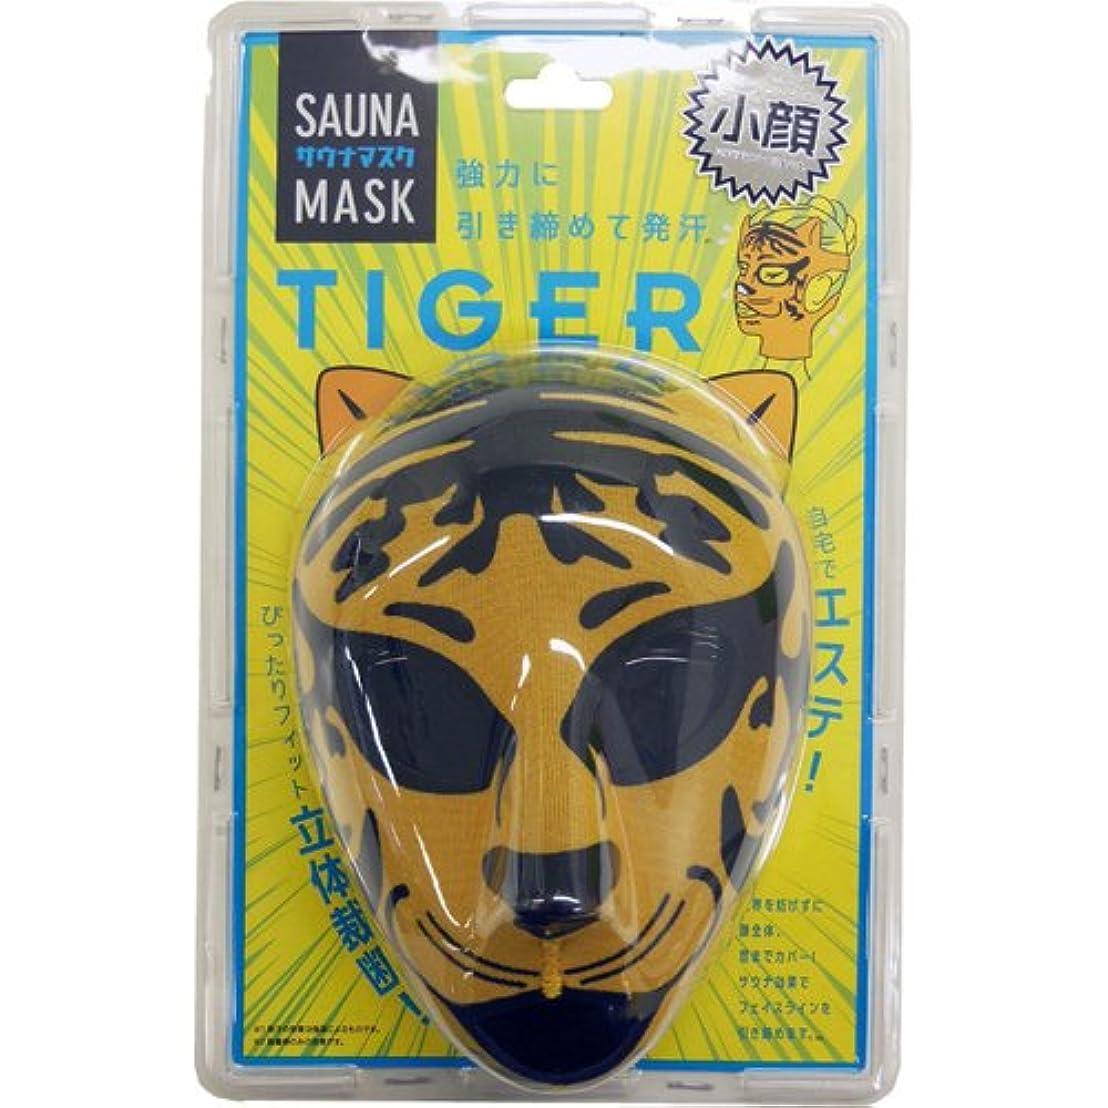 暴君兵隊熱狂的なコジット サウナマスク TIGER (1個)